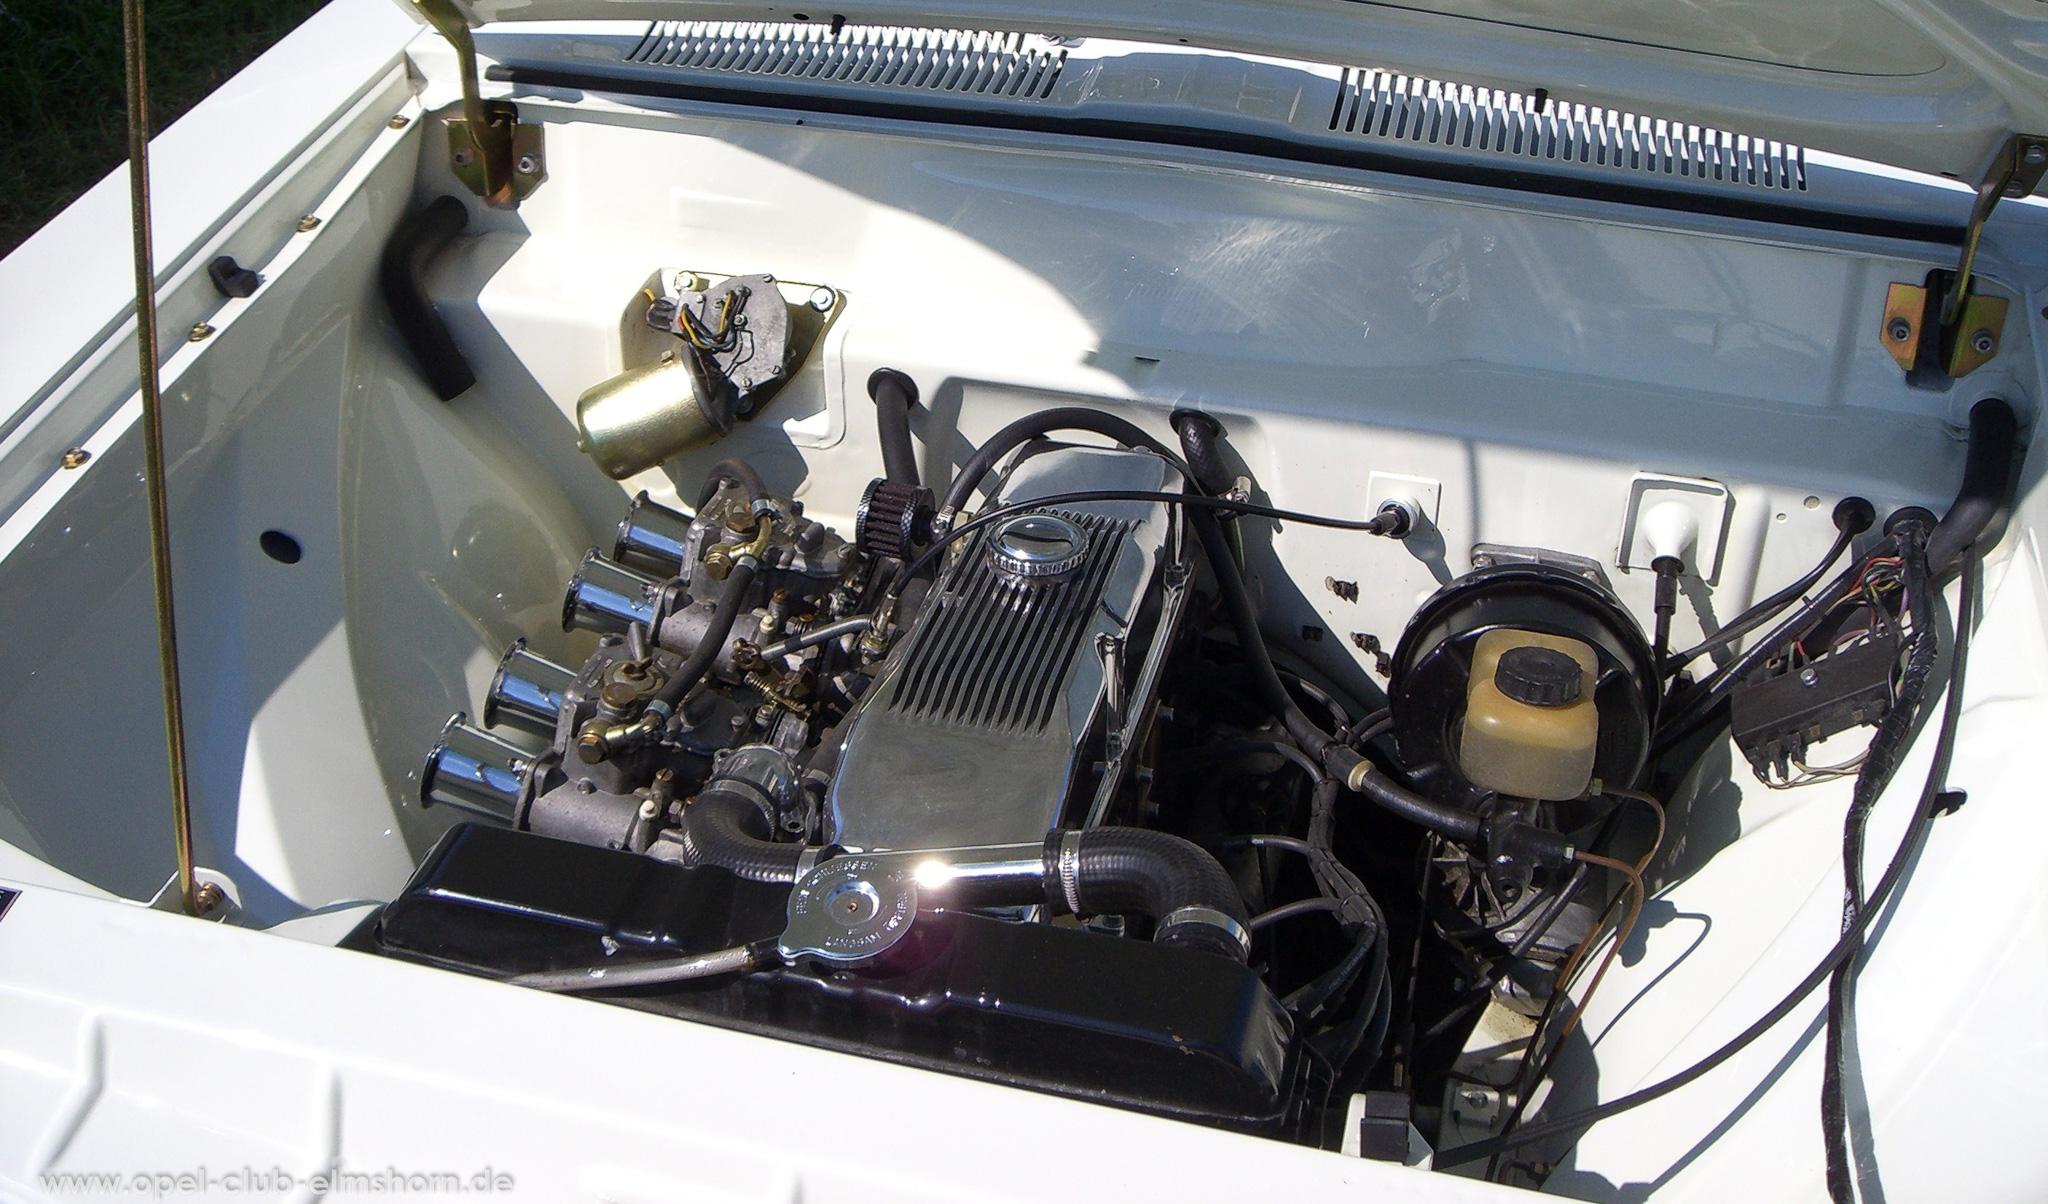 Opeltreffen Brunsbüttel Opelfreunde 2008 - 20080704_164046 - Rekord A Caravan Motorraum